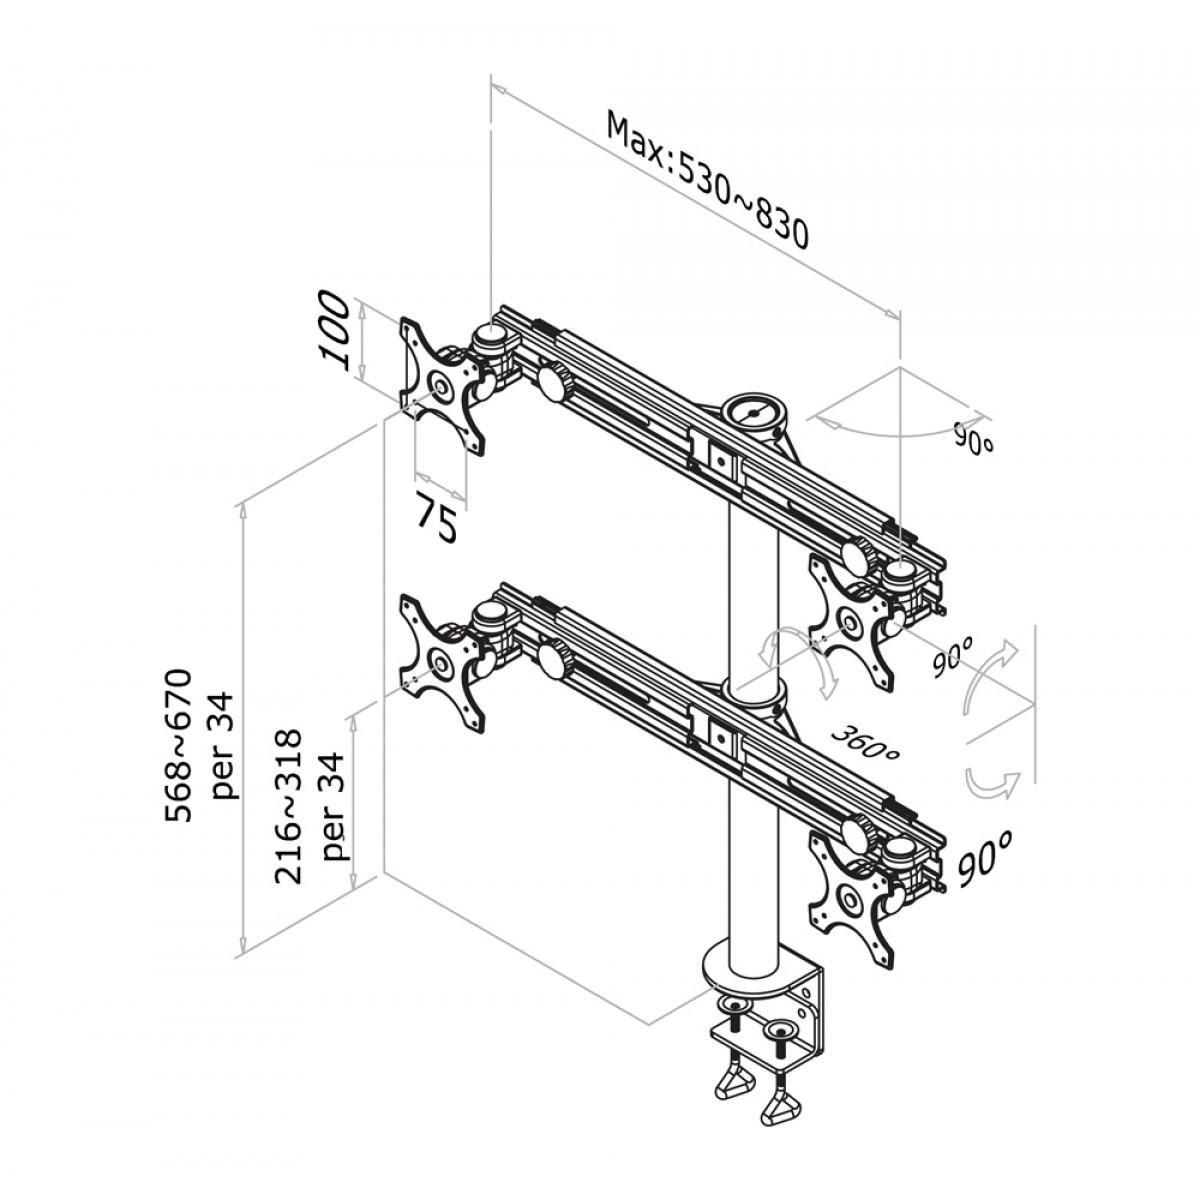 1200x1200 Newstar Flatscreen Desk Mount 10 30, Clamp, 4 Screens, 1 Pivot